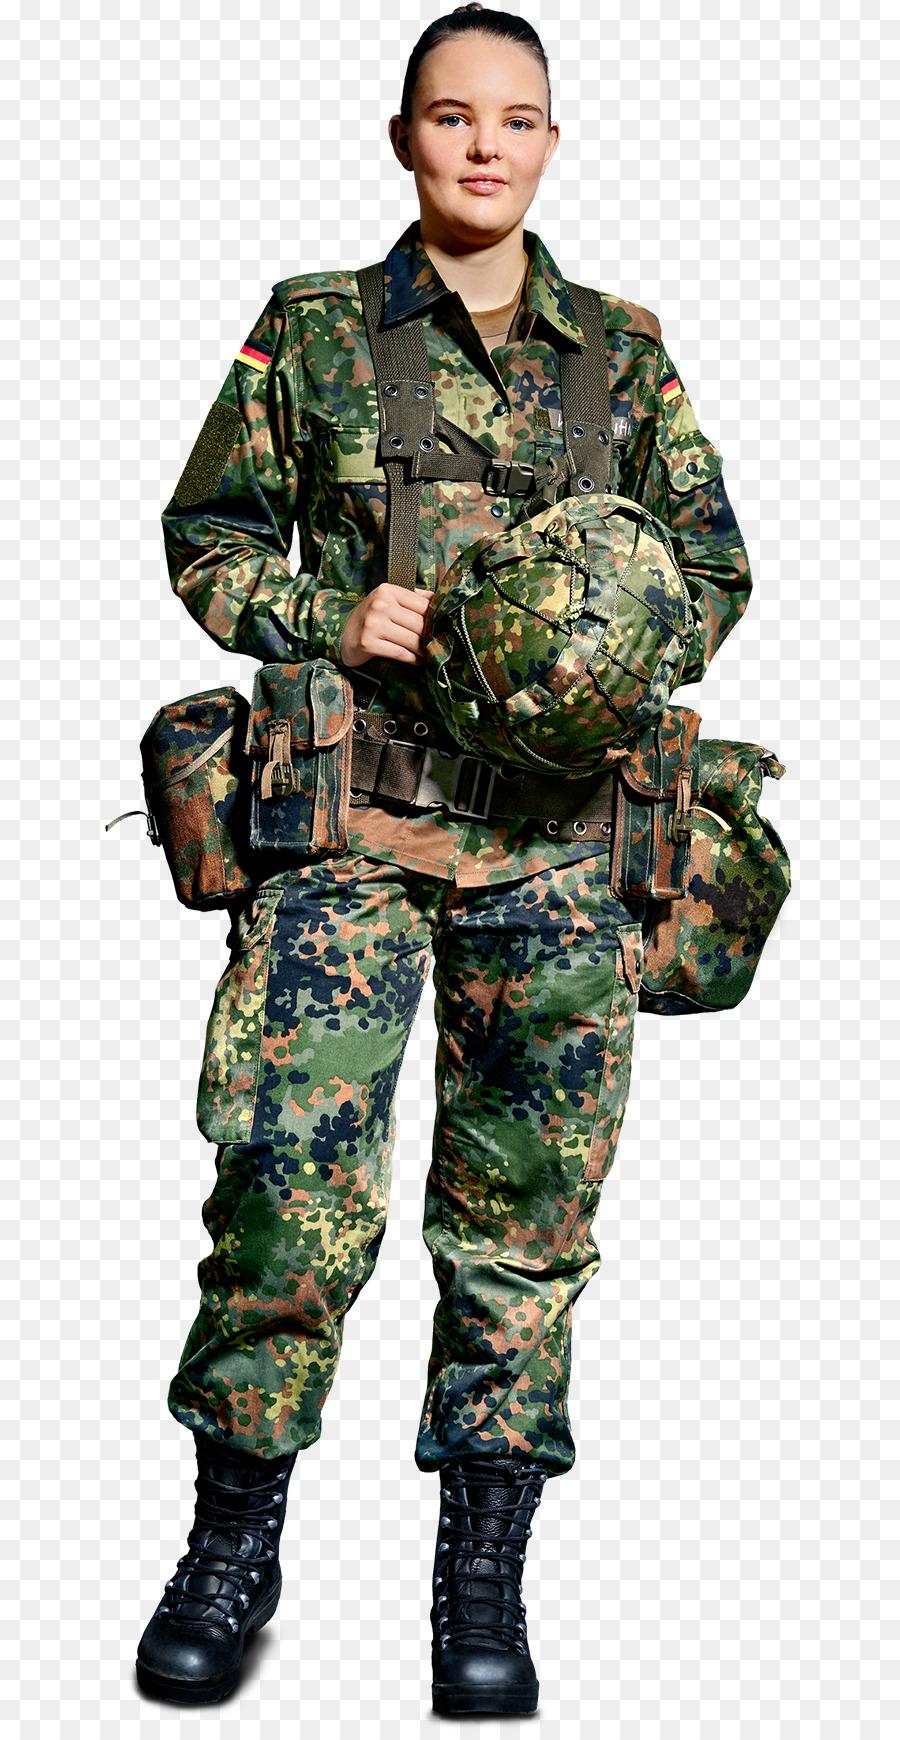 Одежда для солдаты картинки